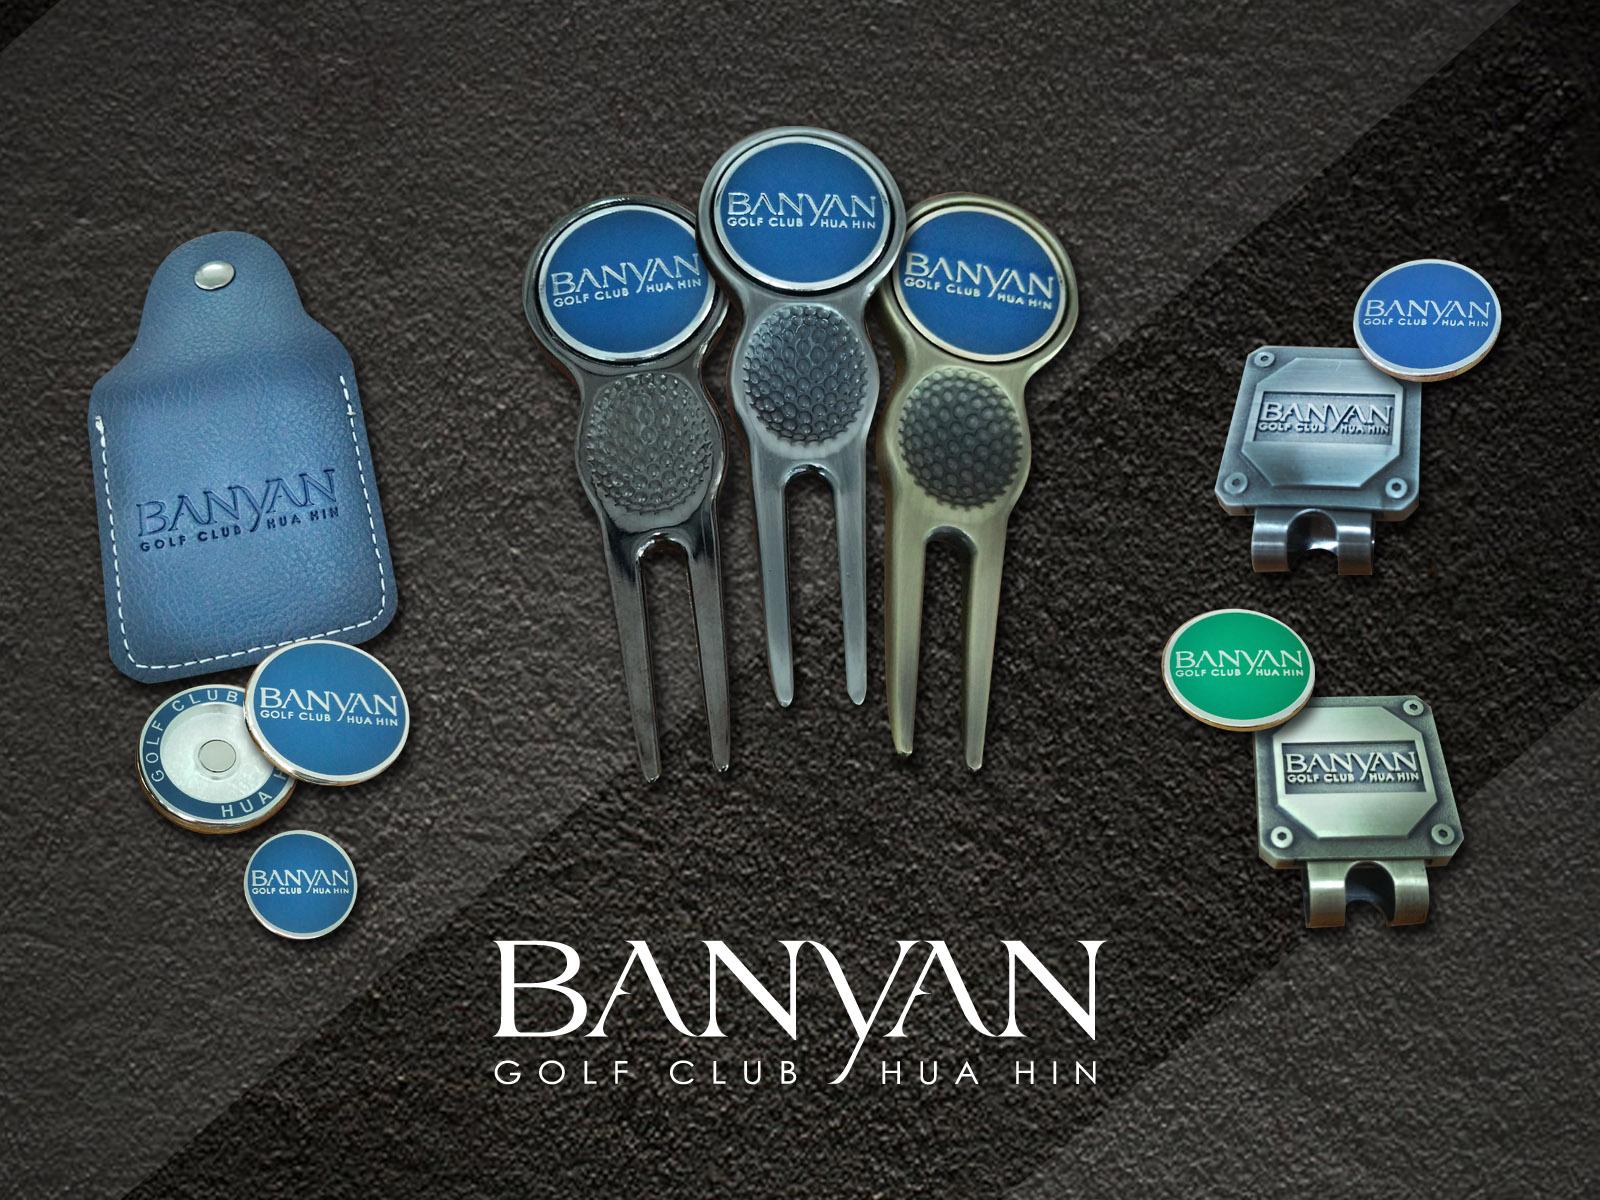 banyan_collage.jpg